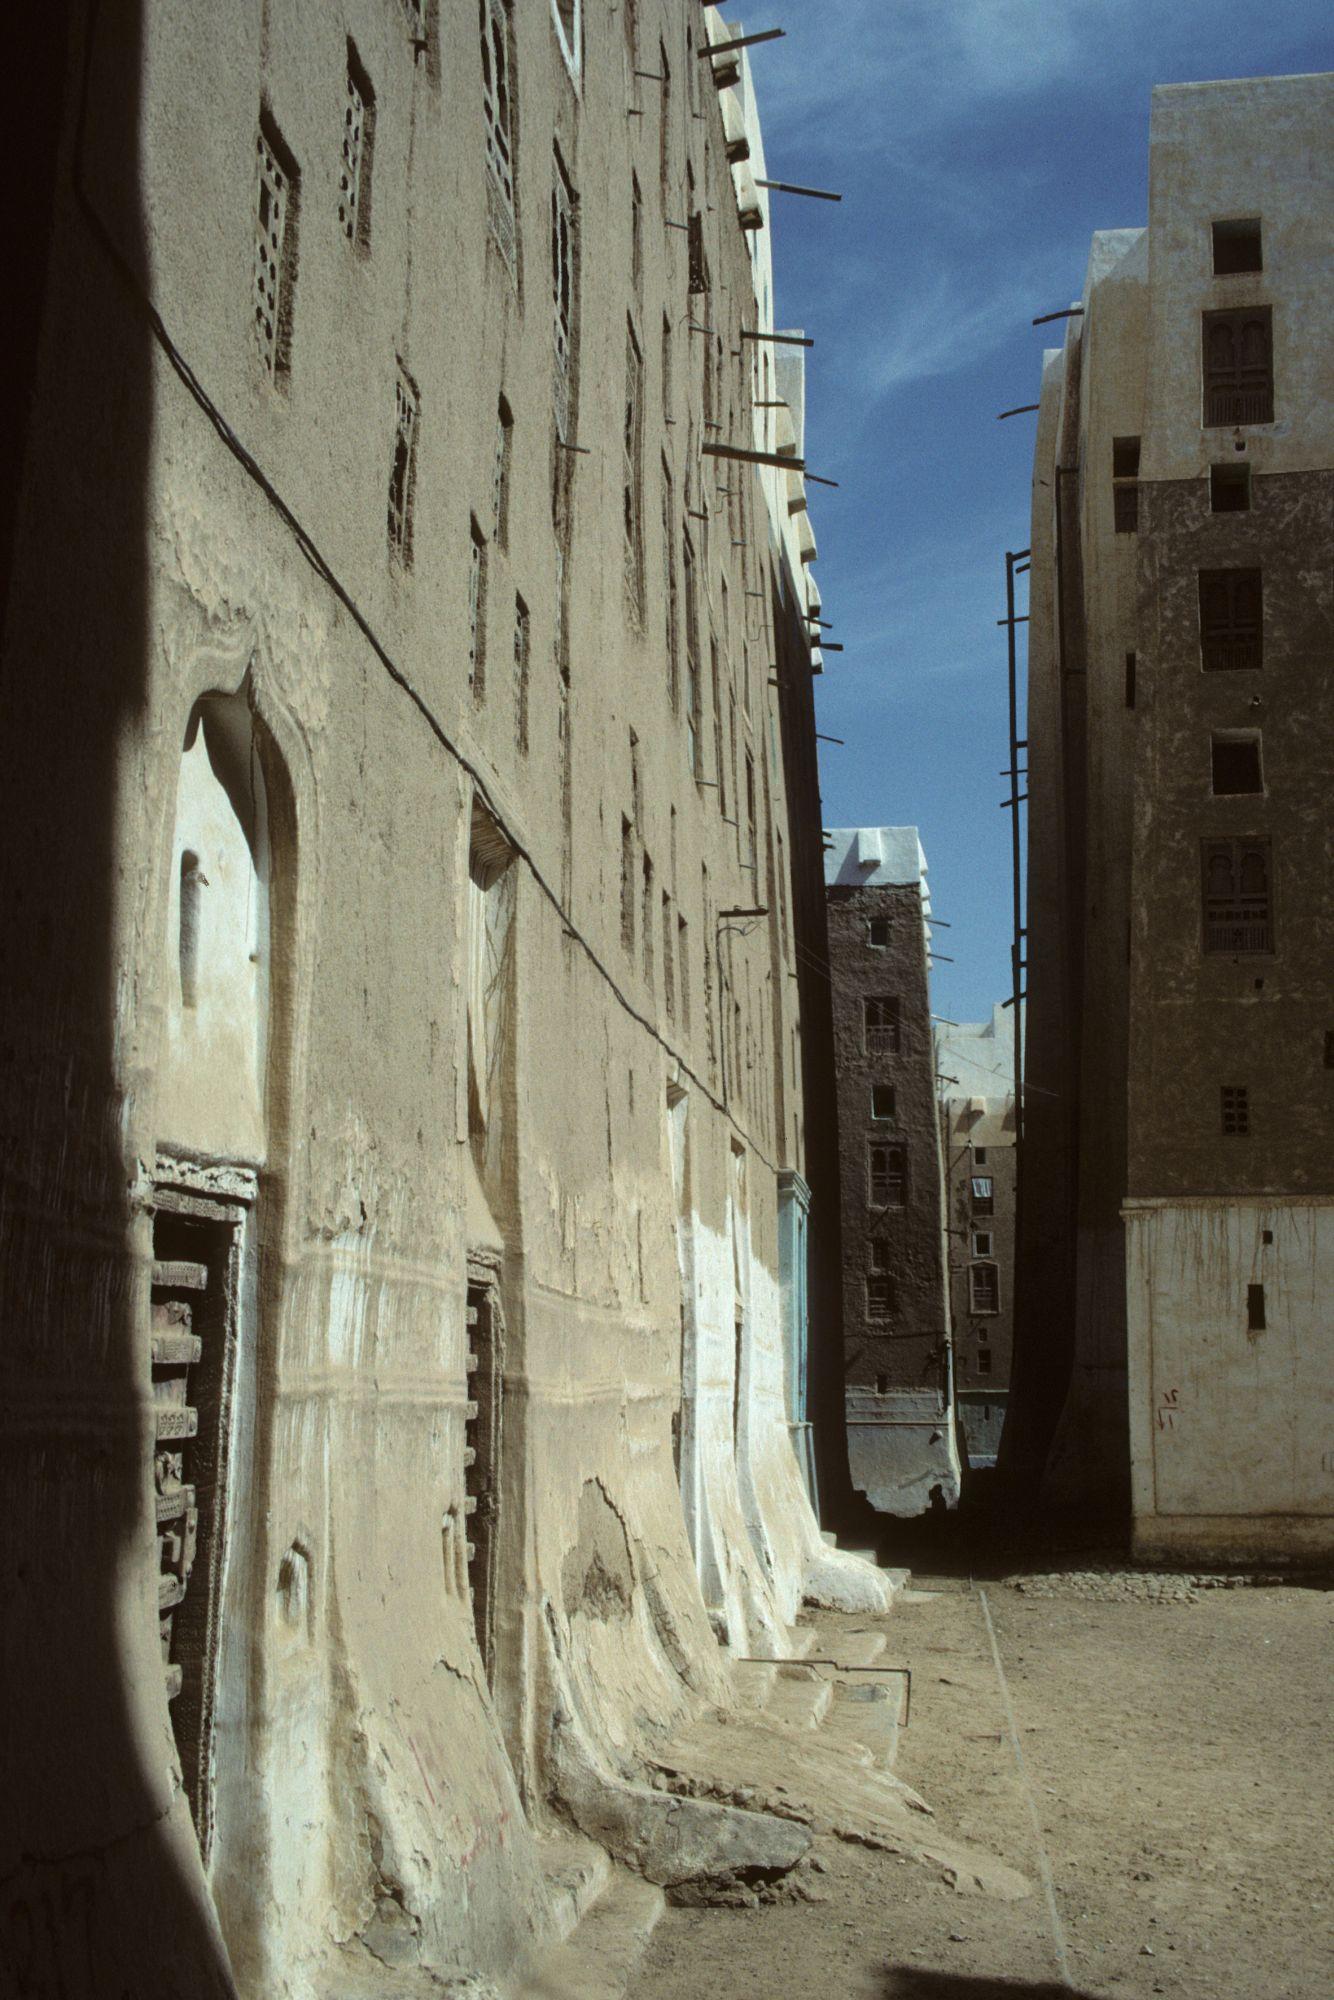 Shibam%2C_Yemen_11.jpg